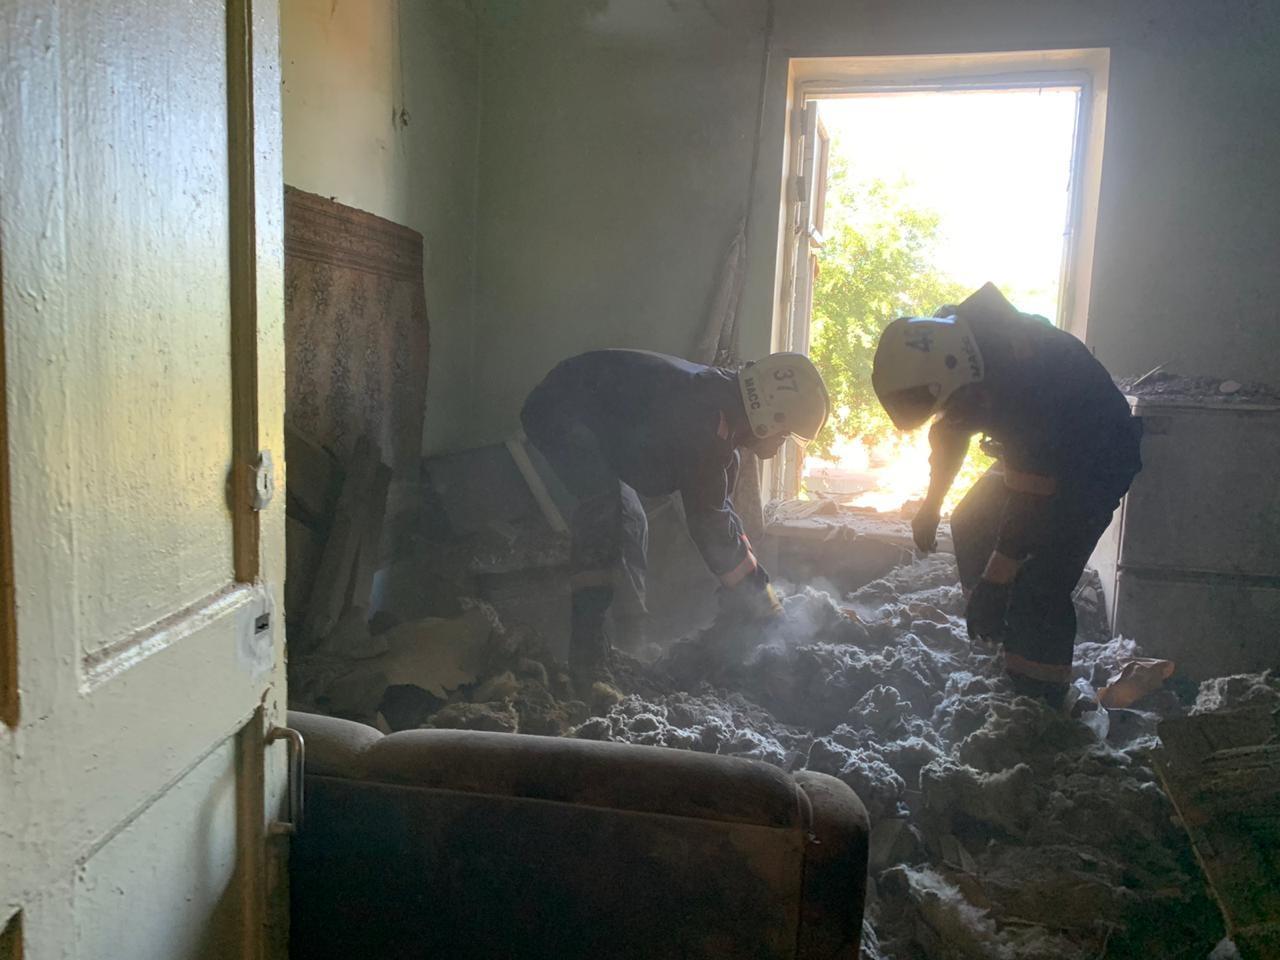 фото Фото и видео с места обрушения здания в Новосибирске опубликовало МЧС 2